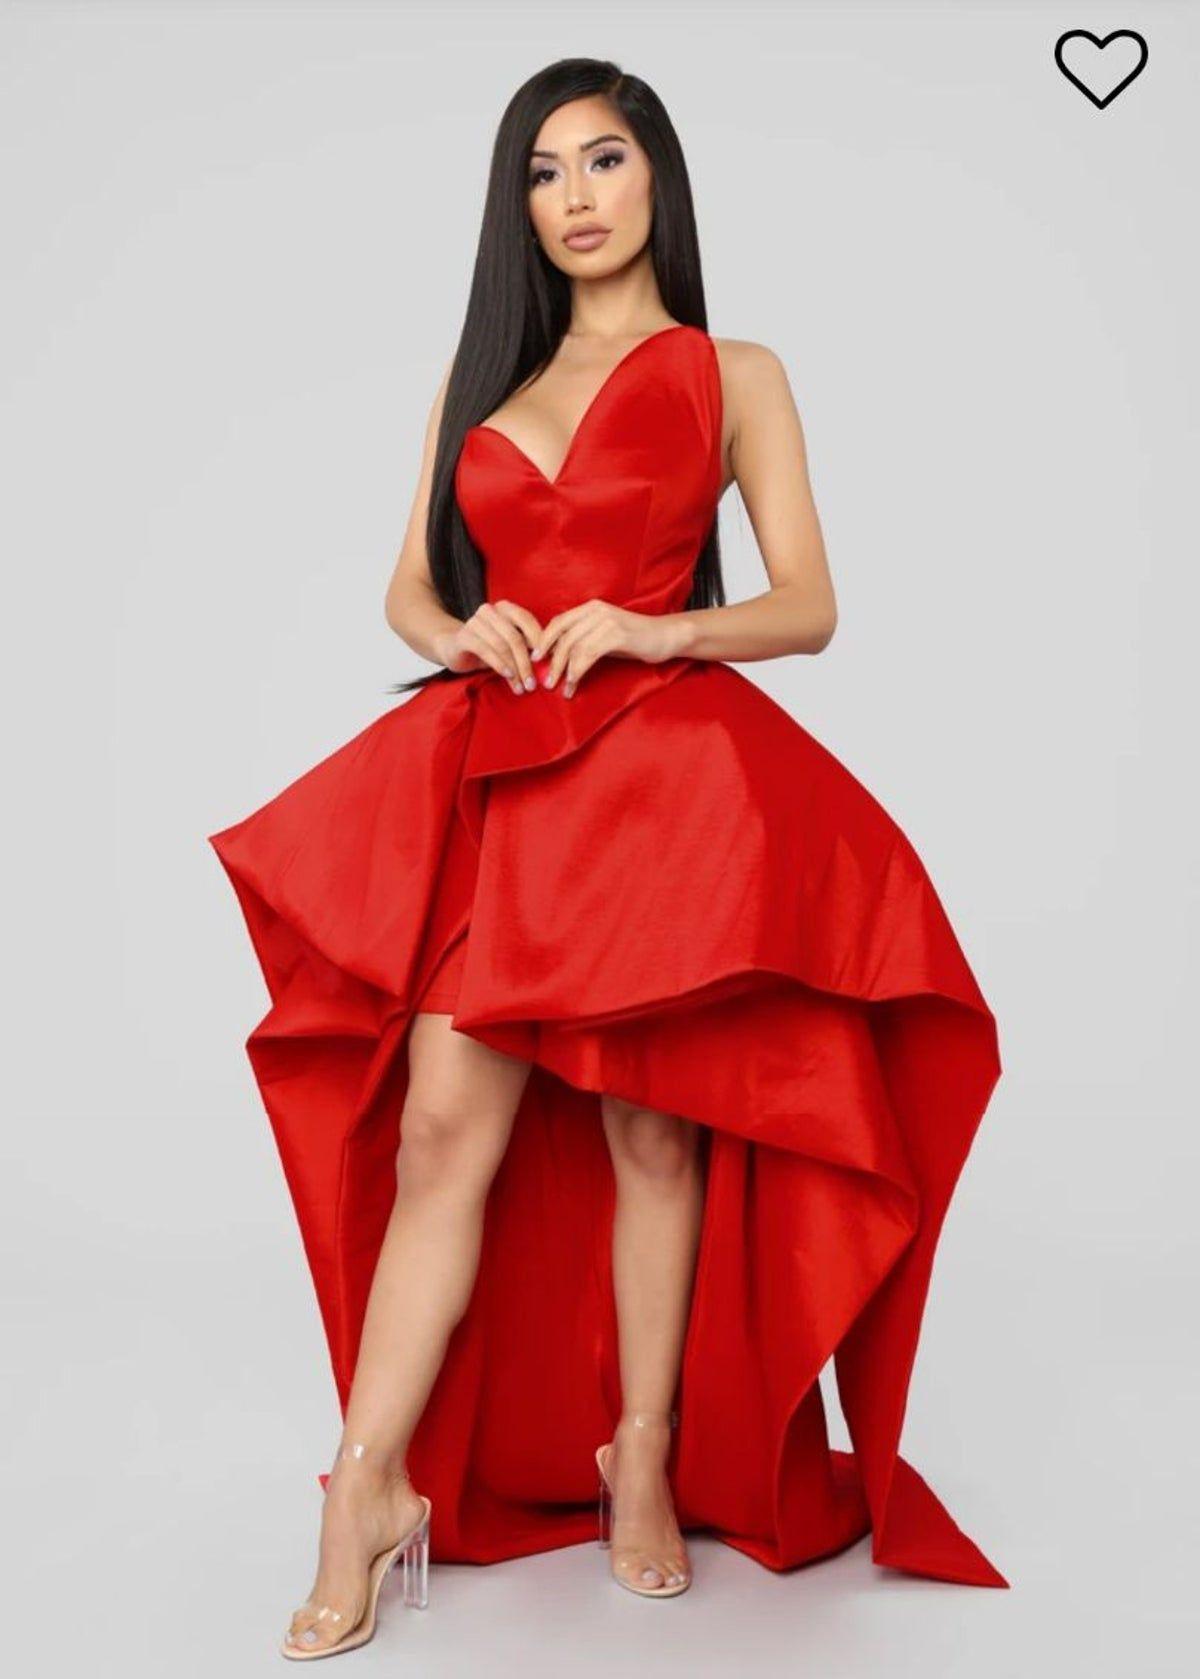 Red Fashion Nova Dress Red fashion, Fashion nova dress